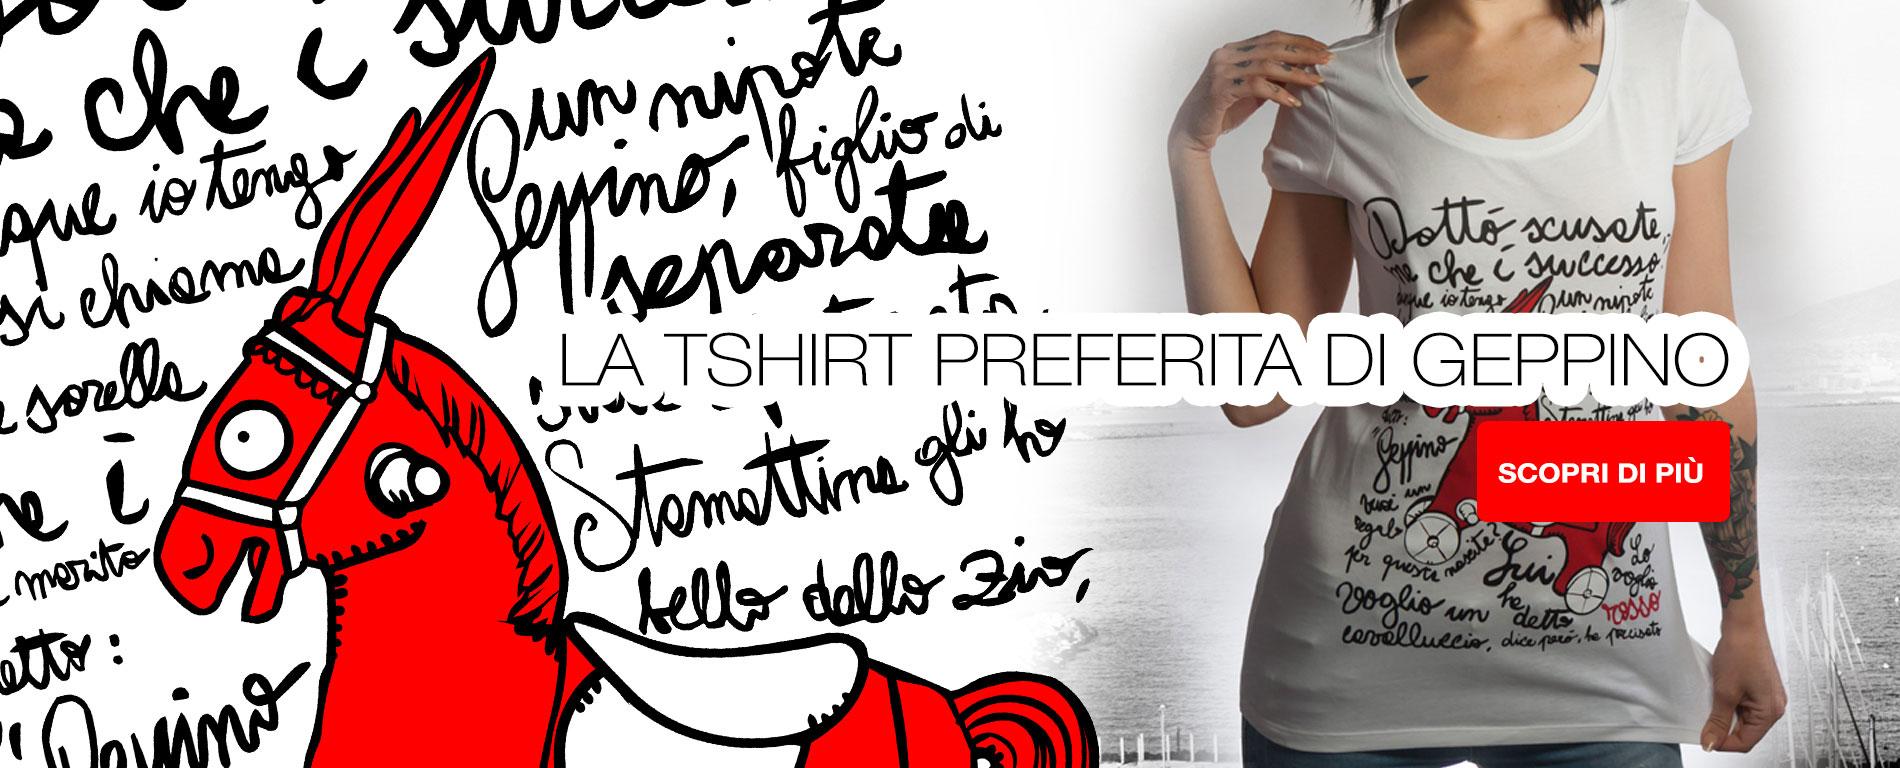 Compra la T-Shirt preferita dall'Ing. De Crescenzo